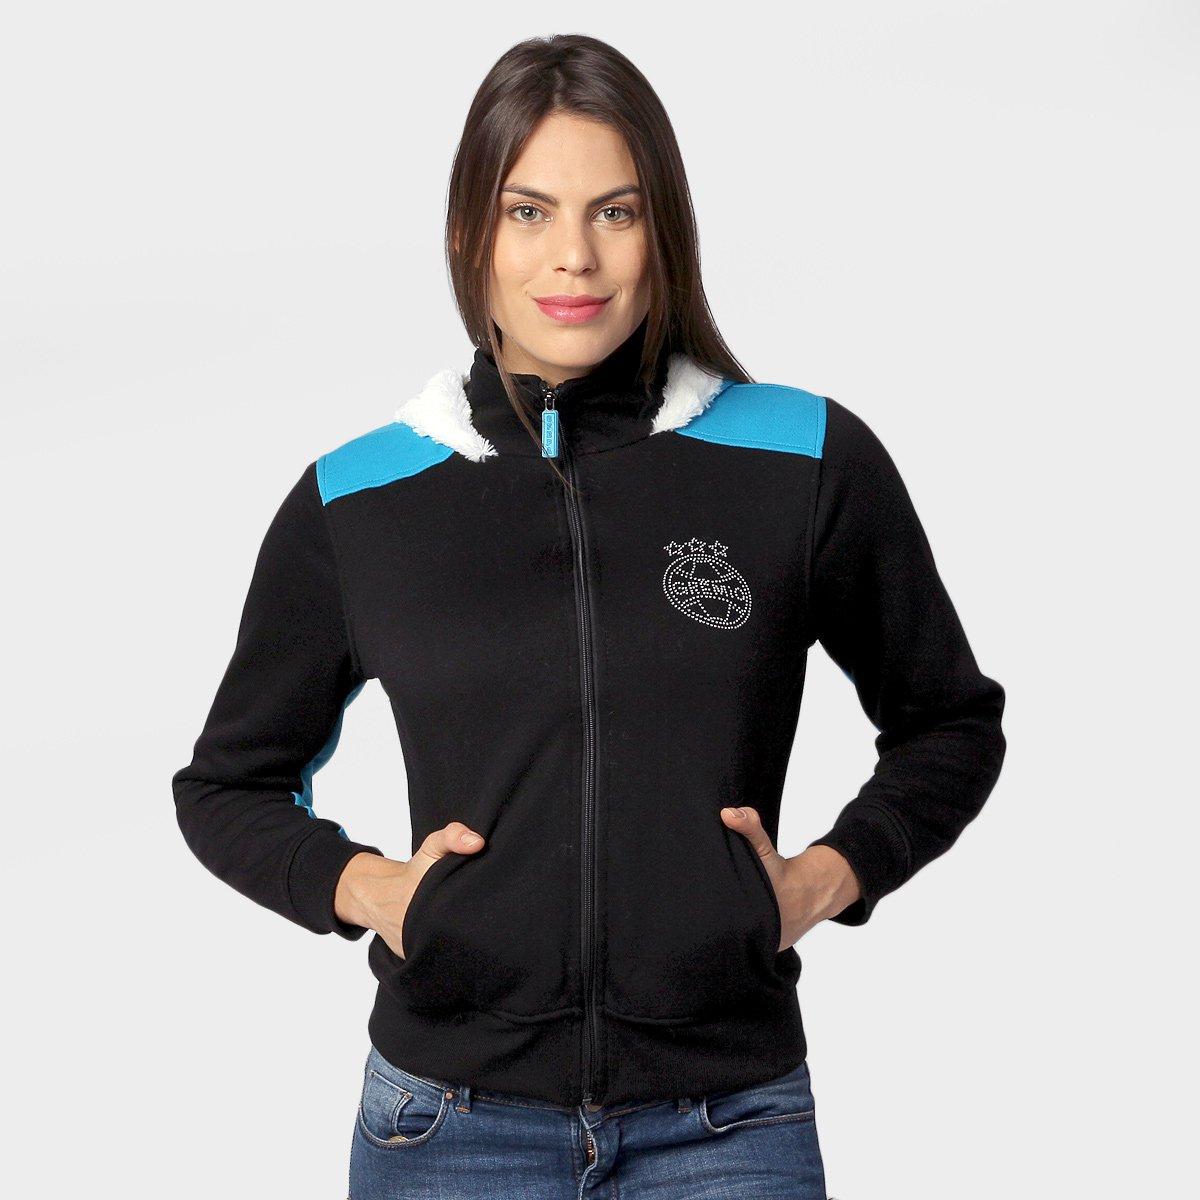 Moletom Grêmio c  Capuz Feminino - Compre Agora  975ba6862999d